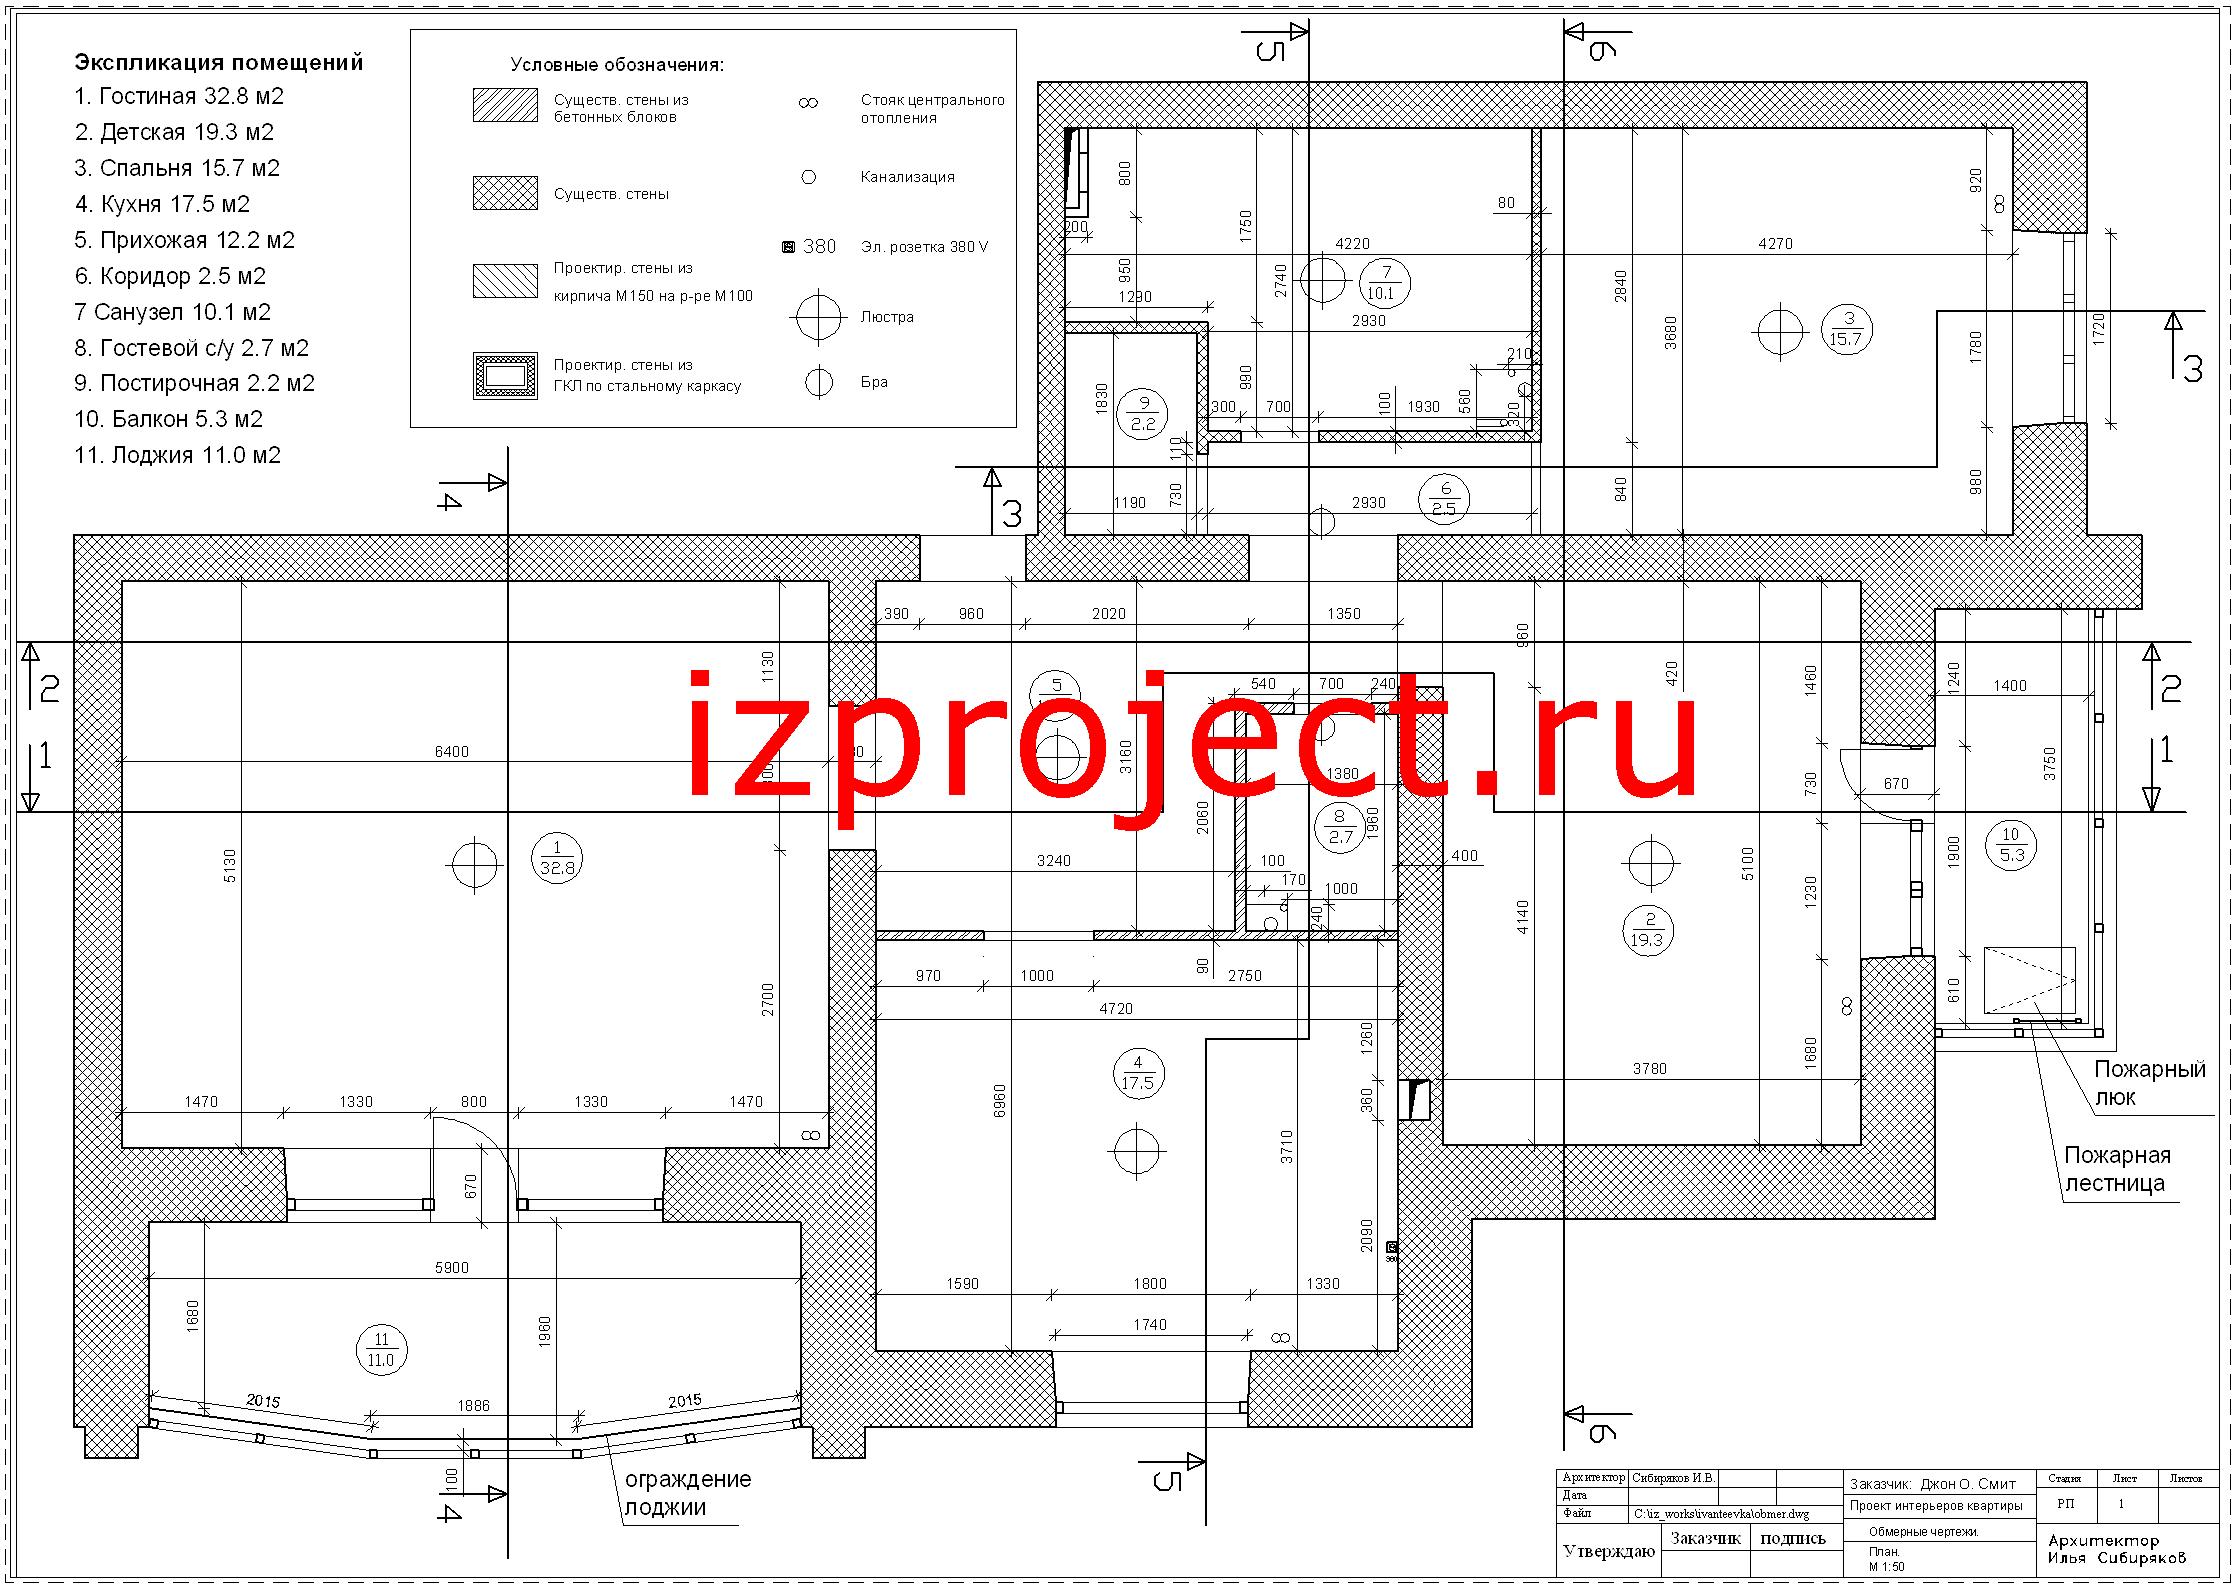 Чертежи планов квартир.